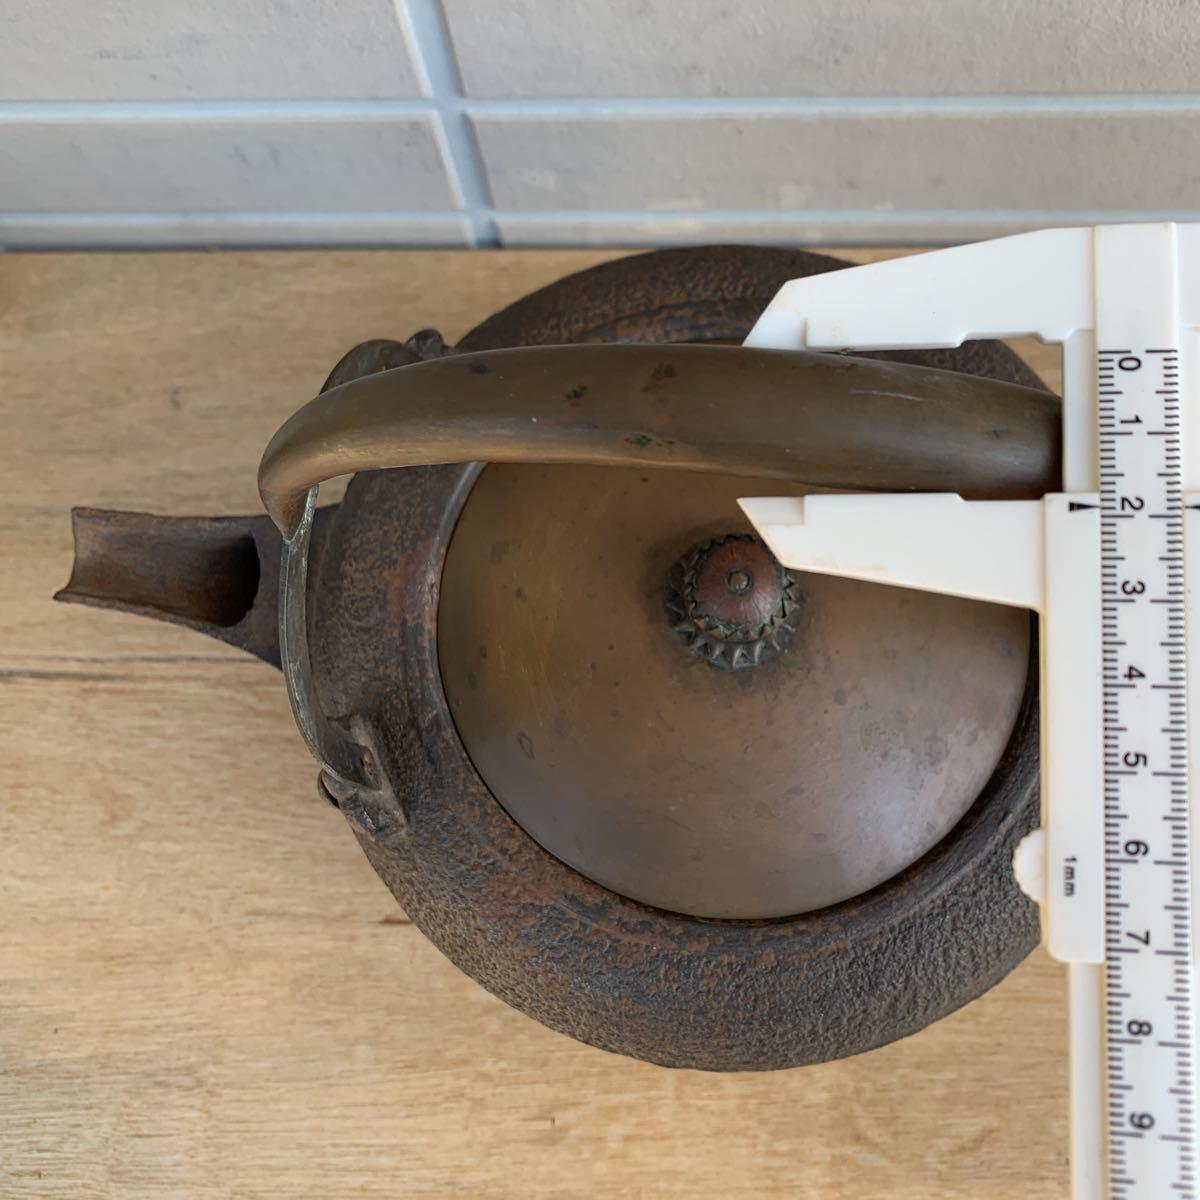 鉄瓶 松図 竹図 梅図 横約27cm 高さ約28cm 蓋唐金(大きさ13.2cm)煎茶道具_画像4